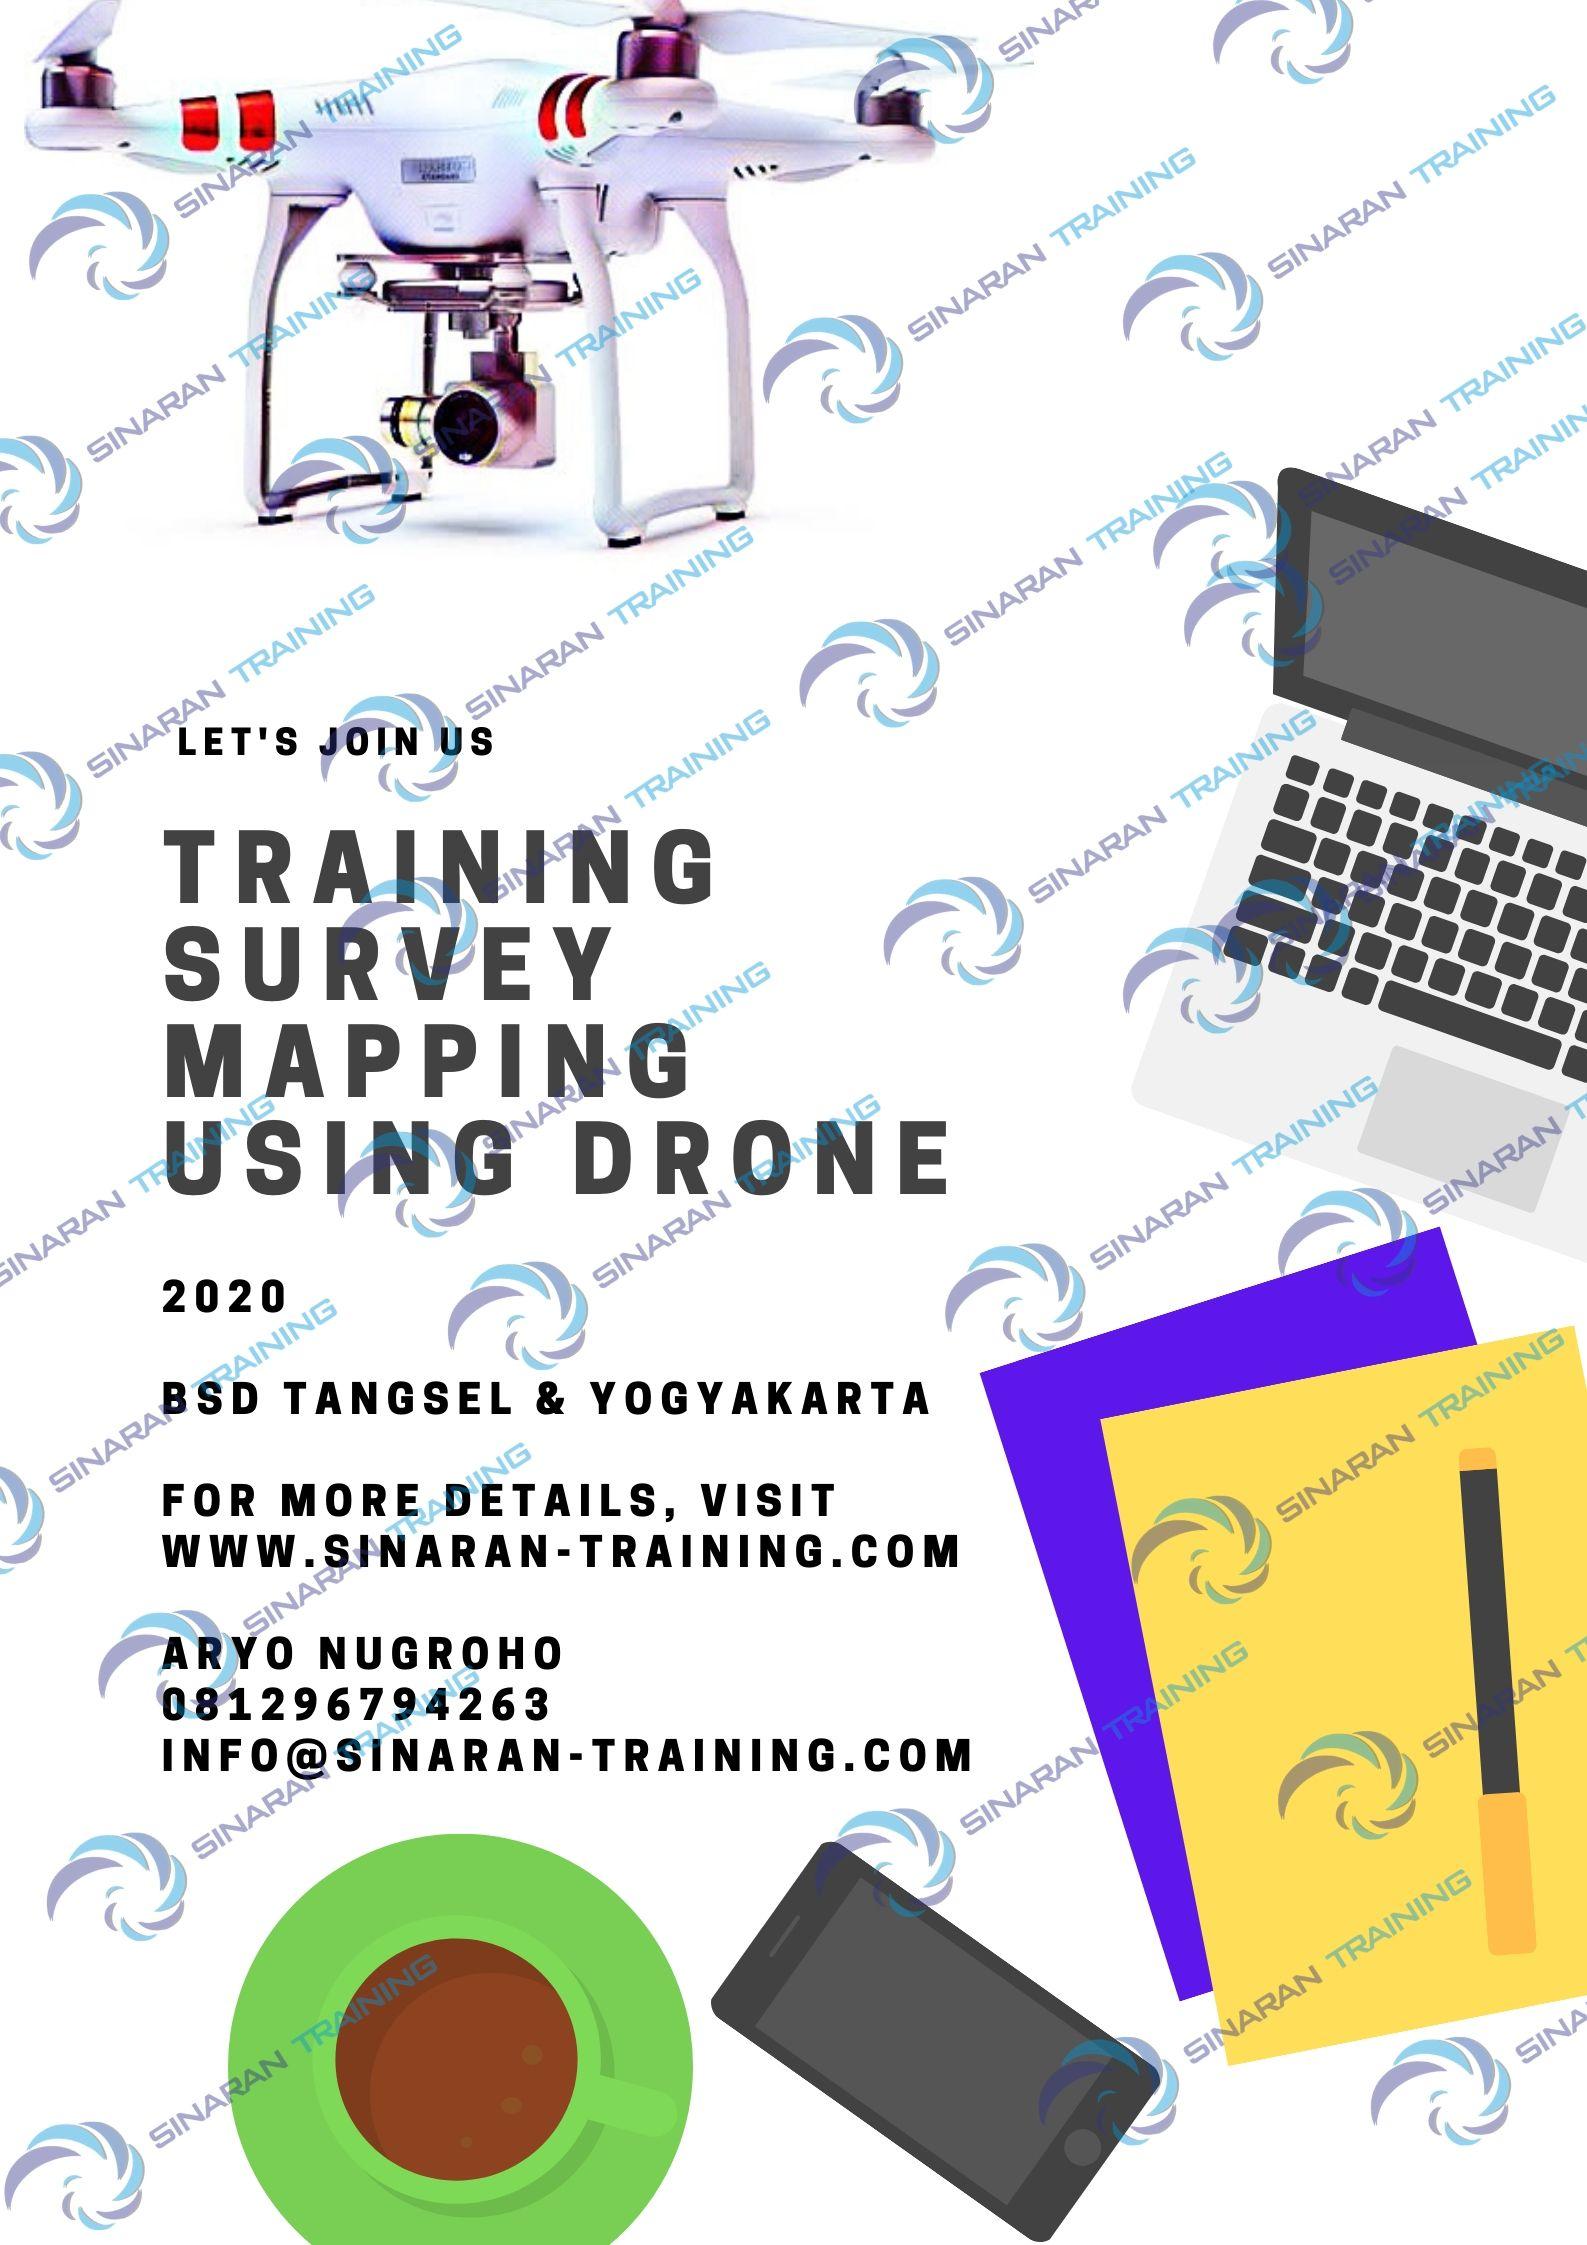 training Pemetaan Untuk UAV Sistem Drone,pelatihan Pemetaan Untuk UAV Sistem Drone,training Pemetaan Untuk UAV Sistem Drone Batam,training Pemetaan Untuk UAV Sistem Drone Bandung,training Pemetaan Untuk UAV Sistem Drone Jakarta,training Pemetaan Untuk UAV Sistem Drone Jogja,training Pemetaan Untuk UAV Sistem Drone Malang,training Pemetaan Untuk UAV Sistem Drone Surabaya,training Pemetaan Untuk UAV Sistem Drone Bali,training Pemetaan Untuk UAV Sistem Drone Lombok,pelatihan Pemetaan Untuk UAV Sistem Drone Batam,pelatihan Pemetaan Untuk UAV Sistem Drone Bandung,pelatihan Pemetaan Untuk UAV Sistem Drone Jakarta,pelatihan Pemetaan Untuk UAV Sistem Drone Jogja,pelatihan Pemetaan Untuk UAV Sistem Drone Malang,pelatihan Pemetaan Untuk UAV Sistem Drone Surabaya,pelatihan Pemetaan Untuk UAV Sistem Drone Bali,pelatihan Pemetaan Untuk UAV Sistem Drone Lombok